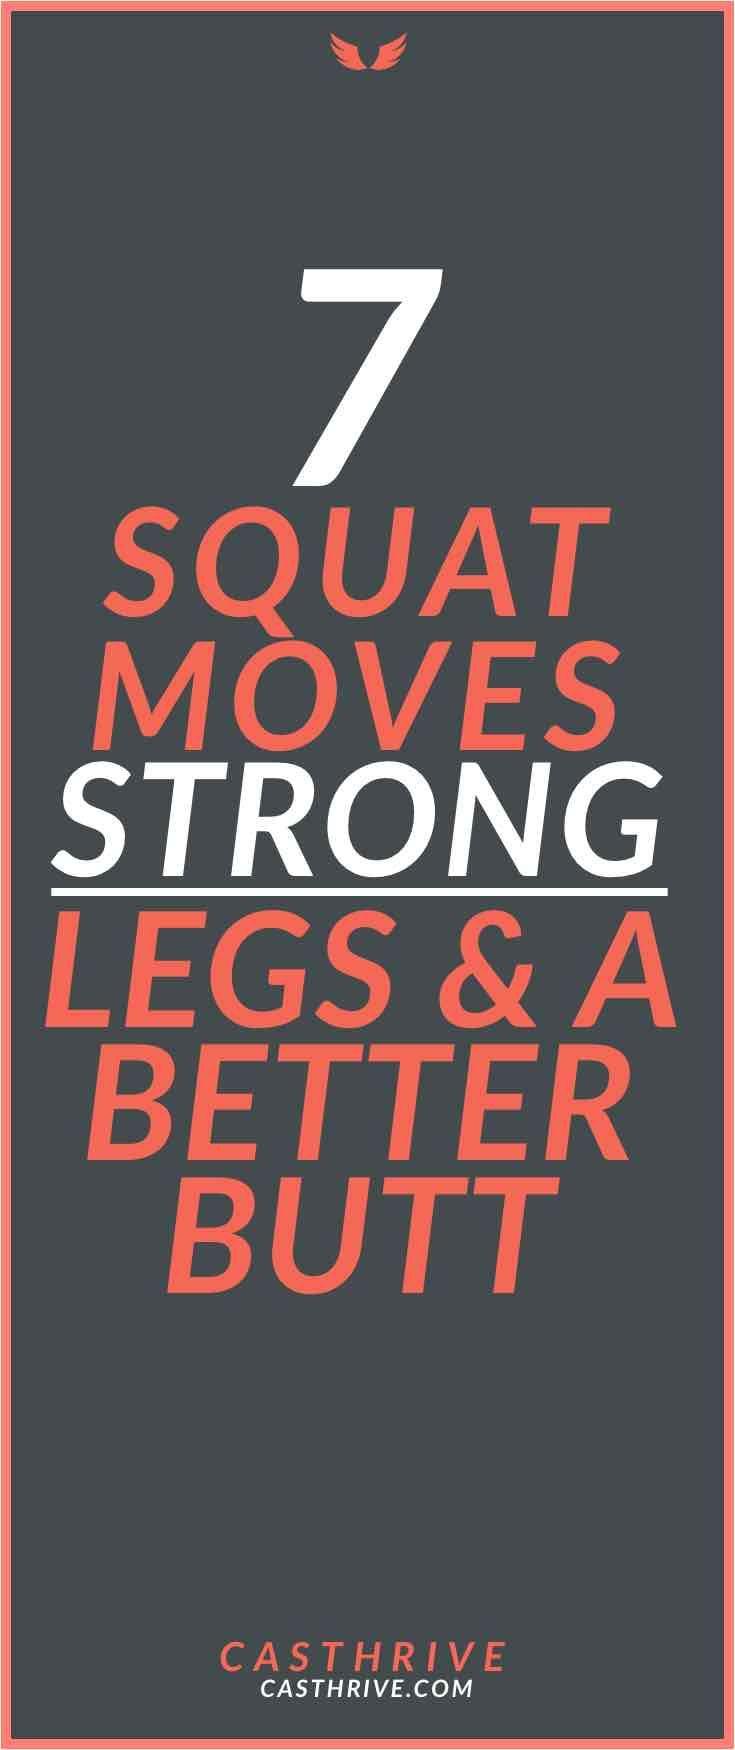 7 Squat Moves Strong Legs Better Butt